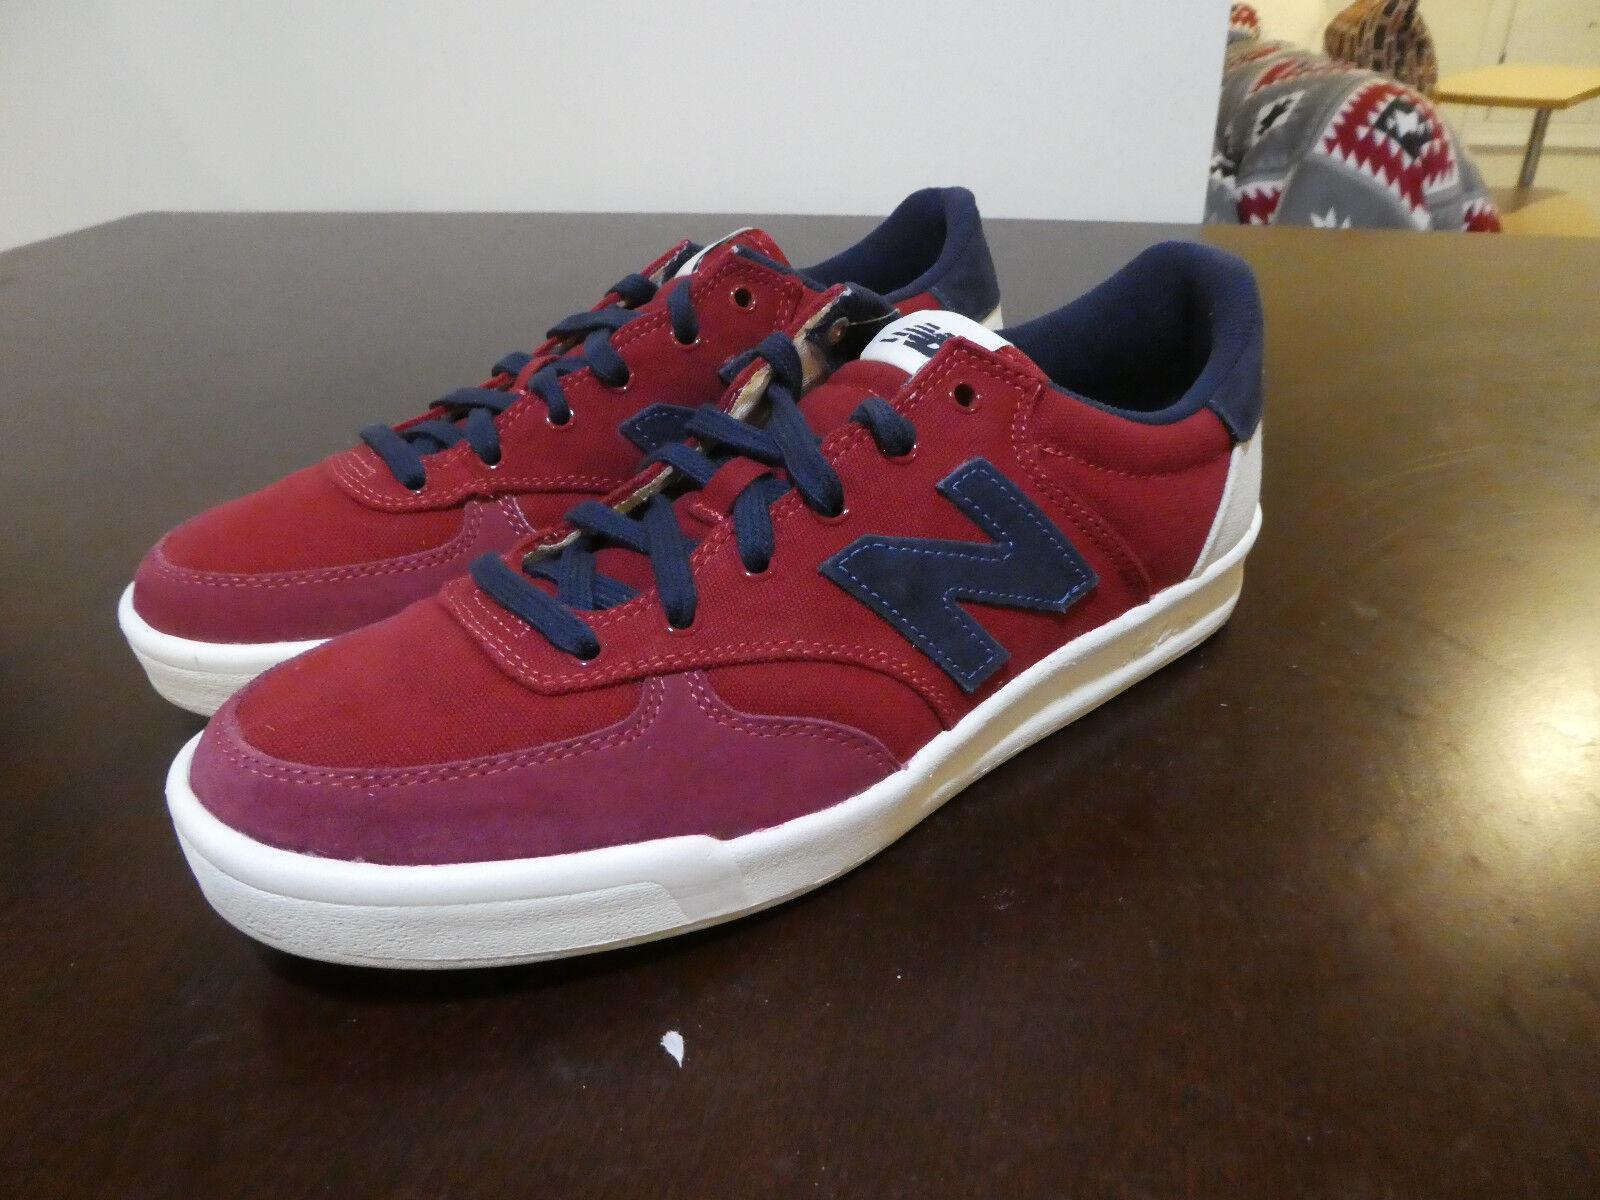 Para Hombre 331v1 Balance Skate New Balance 331v1 Zapato-elegir talla/color 061403